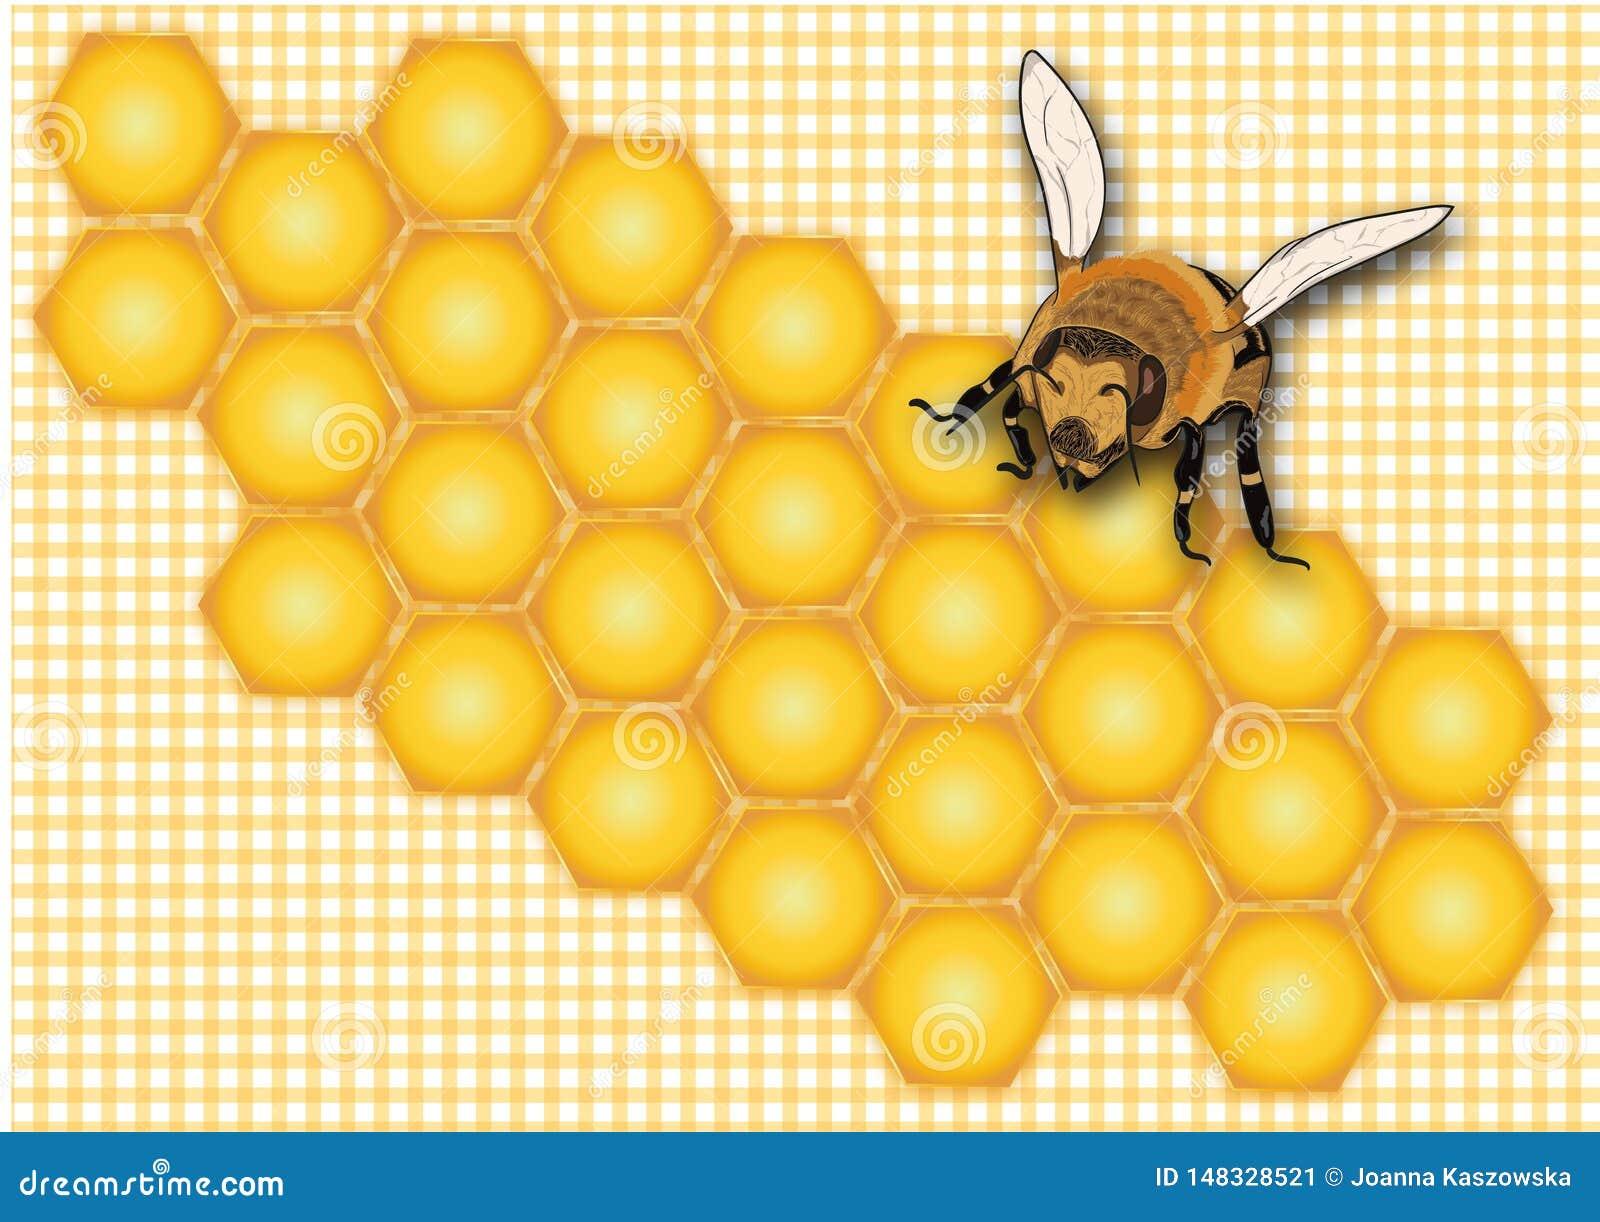 Μέλι, κηρήθρα, ετικέτα μελιού, ετικέτα βάζων μελιού, καλοκαίρι, έντομο, κίτρινη μέλισσα, γλυκό, υπόβαθρο μελιού,